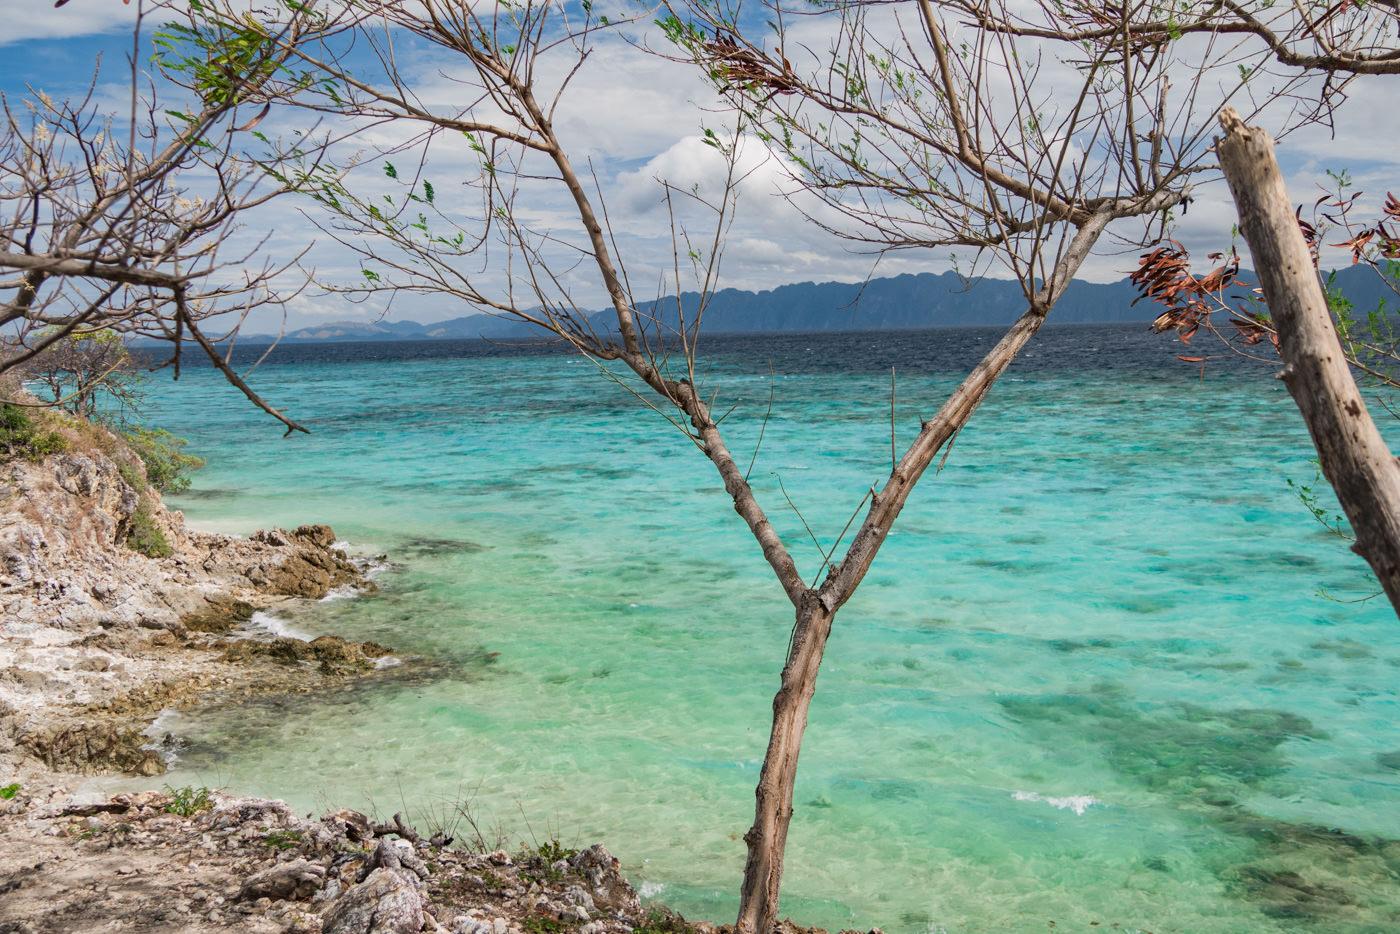 Blick auf das Meer von der Bulog Dos Island aus auf den Philippinen